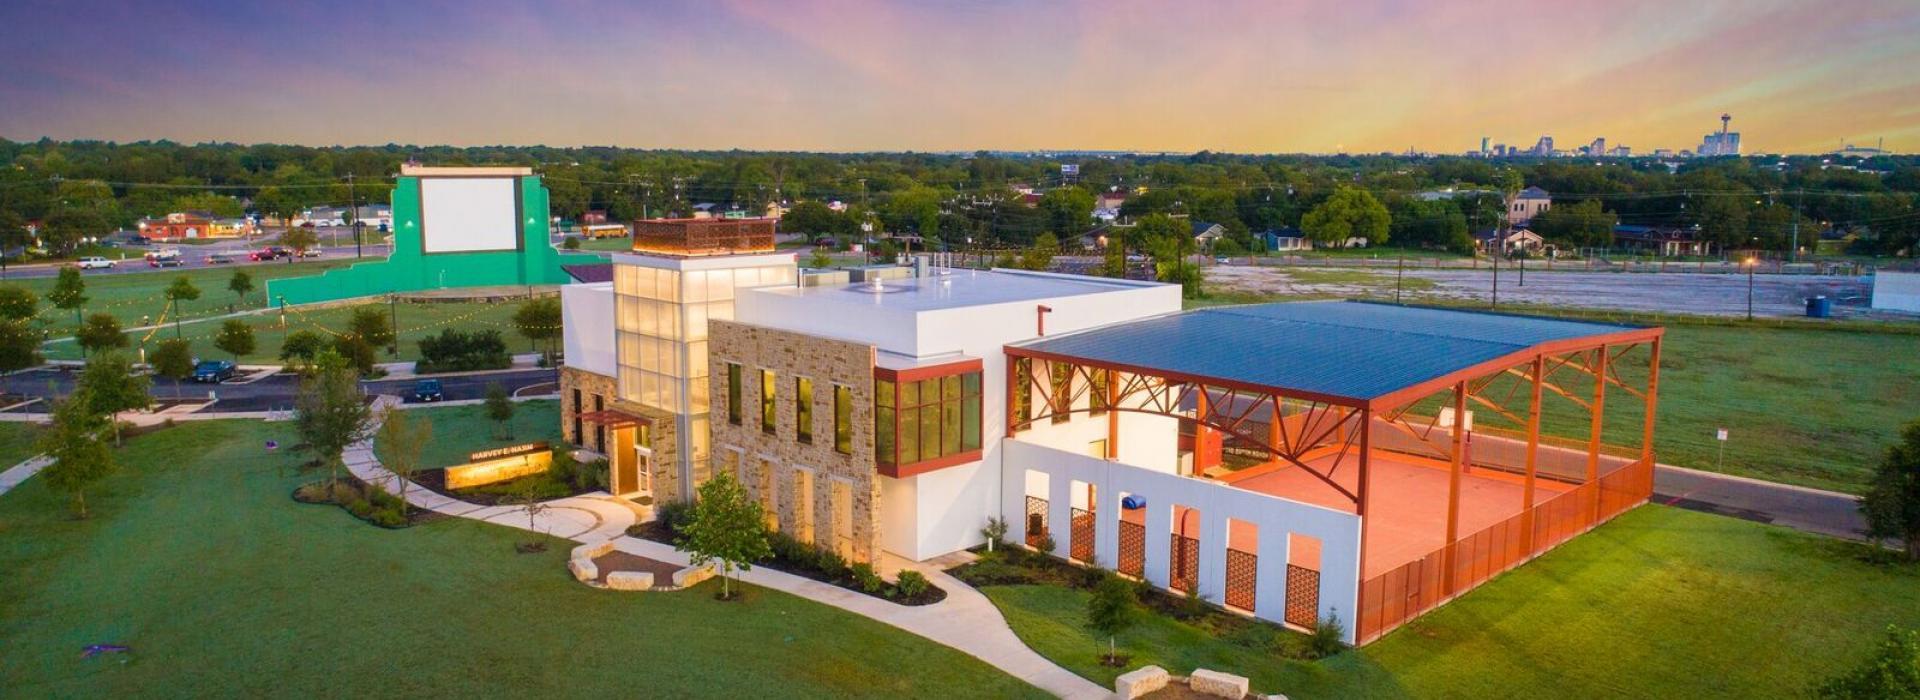 Harvey E  Najim Family YMCA | YMCA of Greater San Antonio